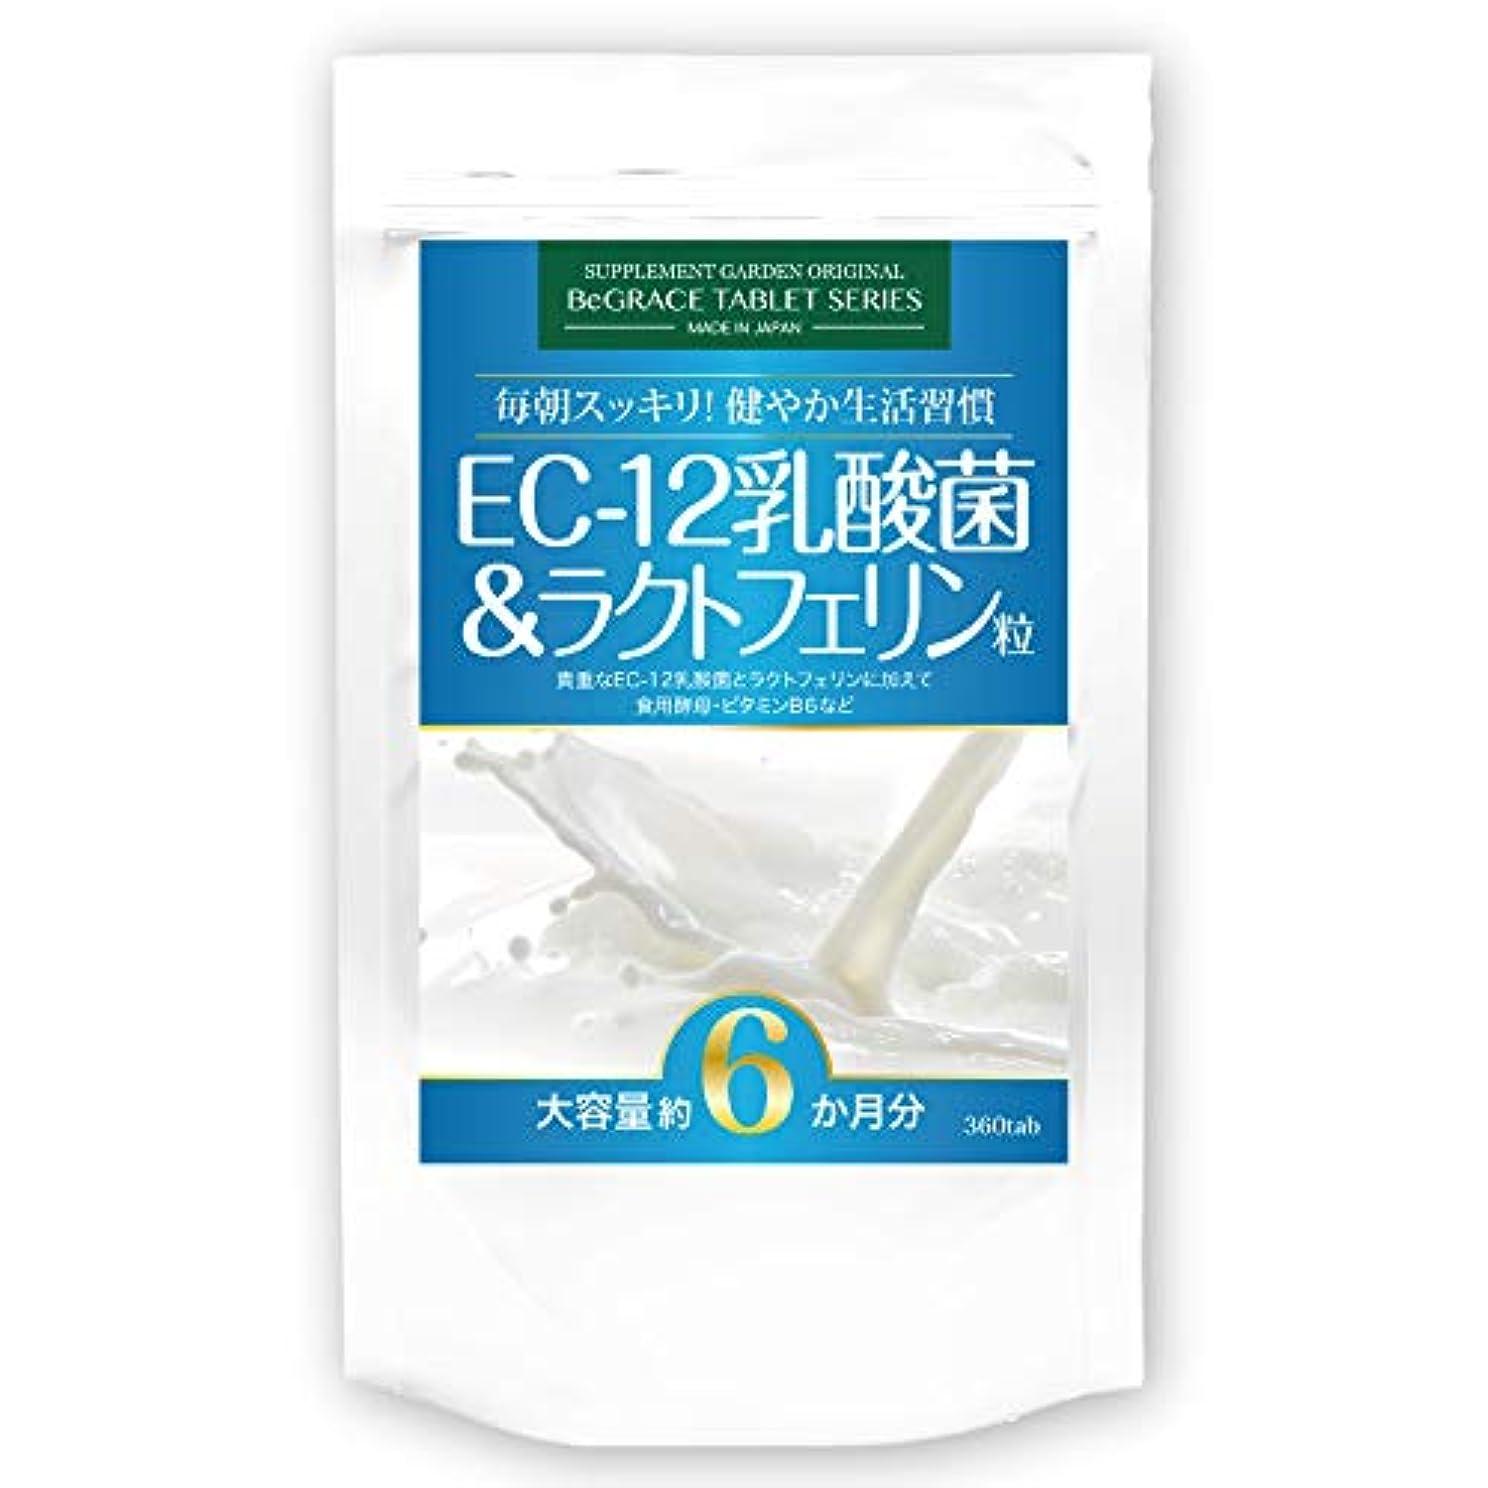 発表する修道院りEC-12乳酸菌&ラクトフェリン粒 大容量約6ヶ月分/360粒(EC-12乳酸菌、ラクトフェリン、ビール酵母、ホエイプロテイン、ビタミンB6)